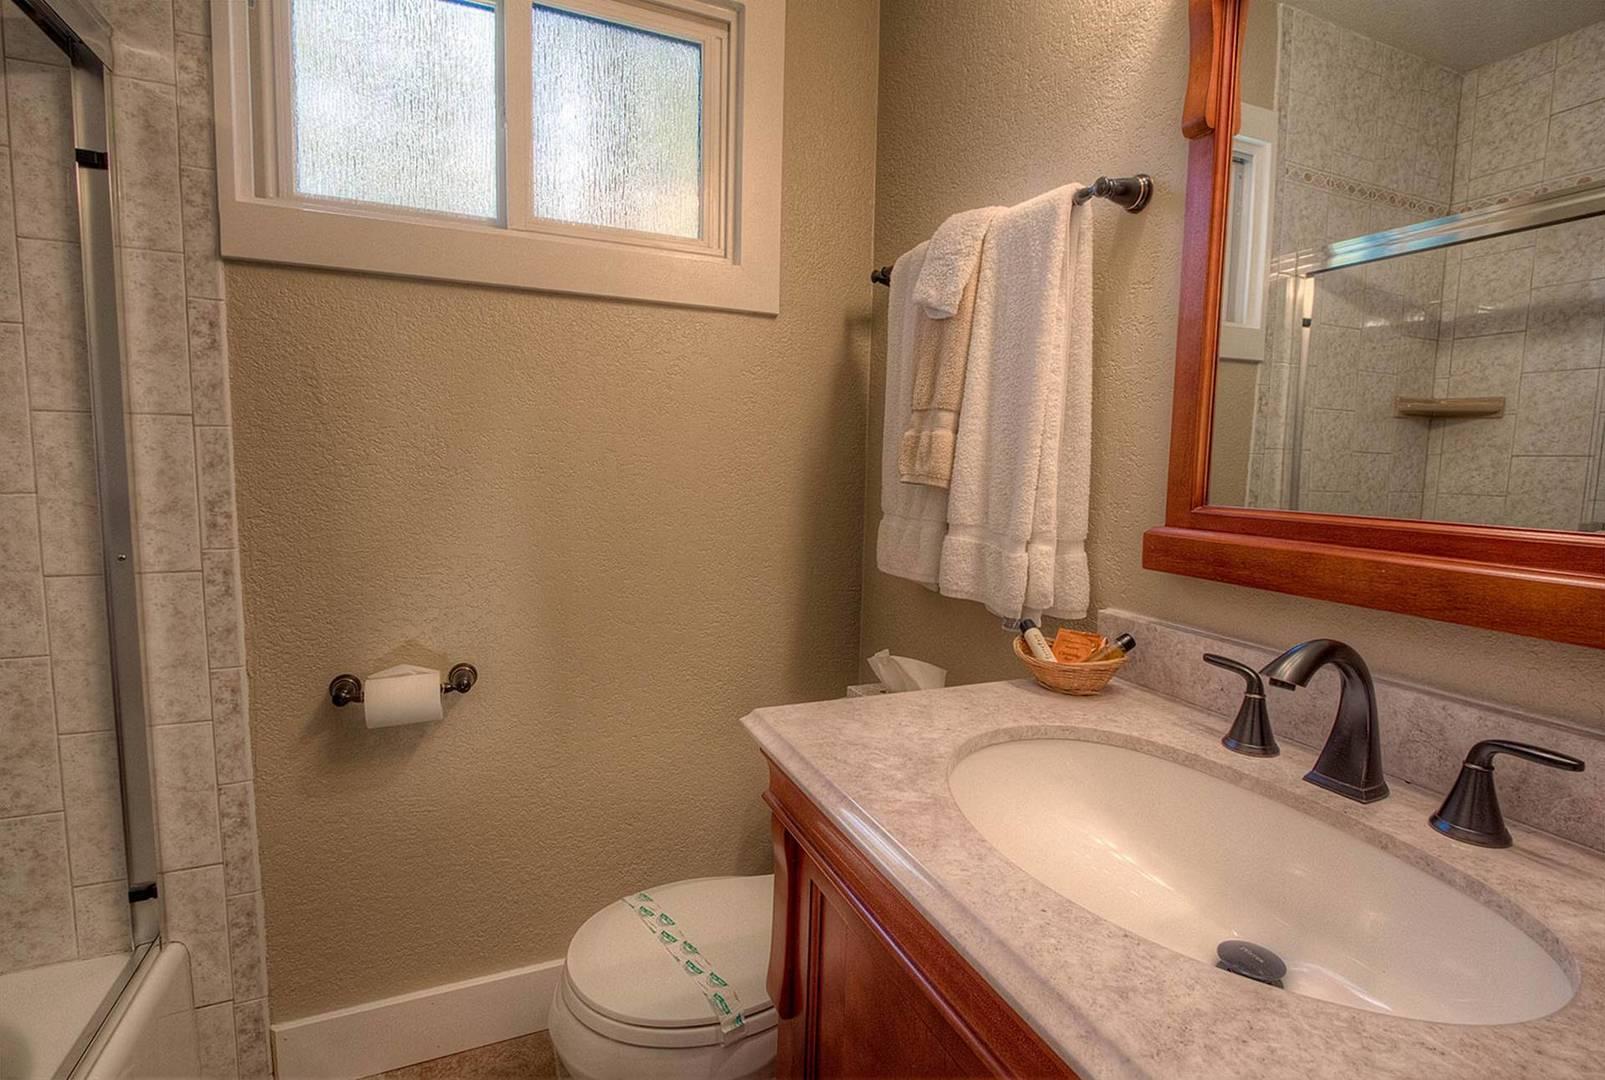 hch0682 bathroom